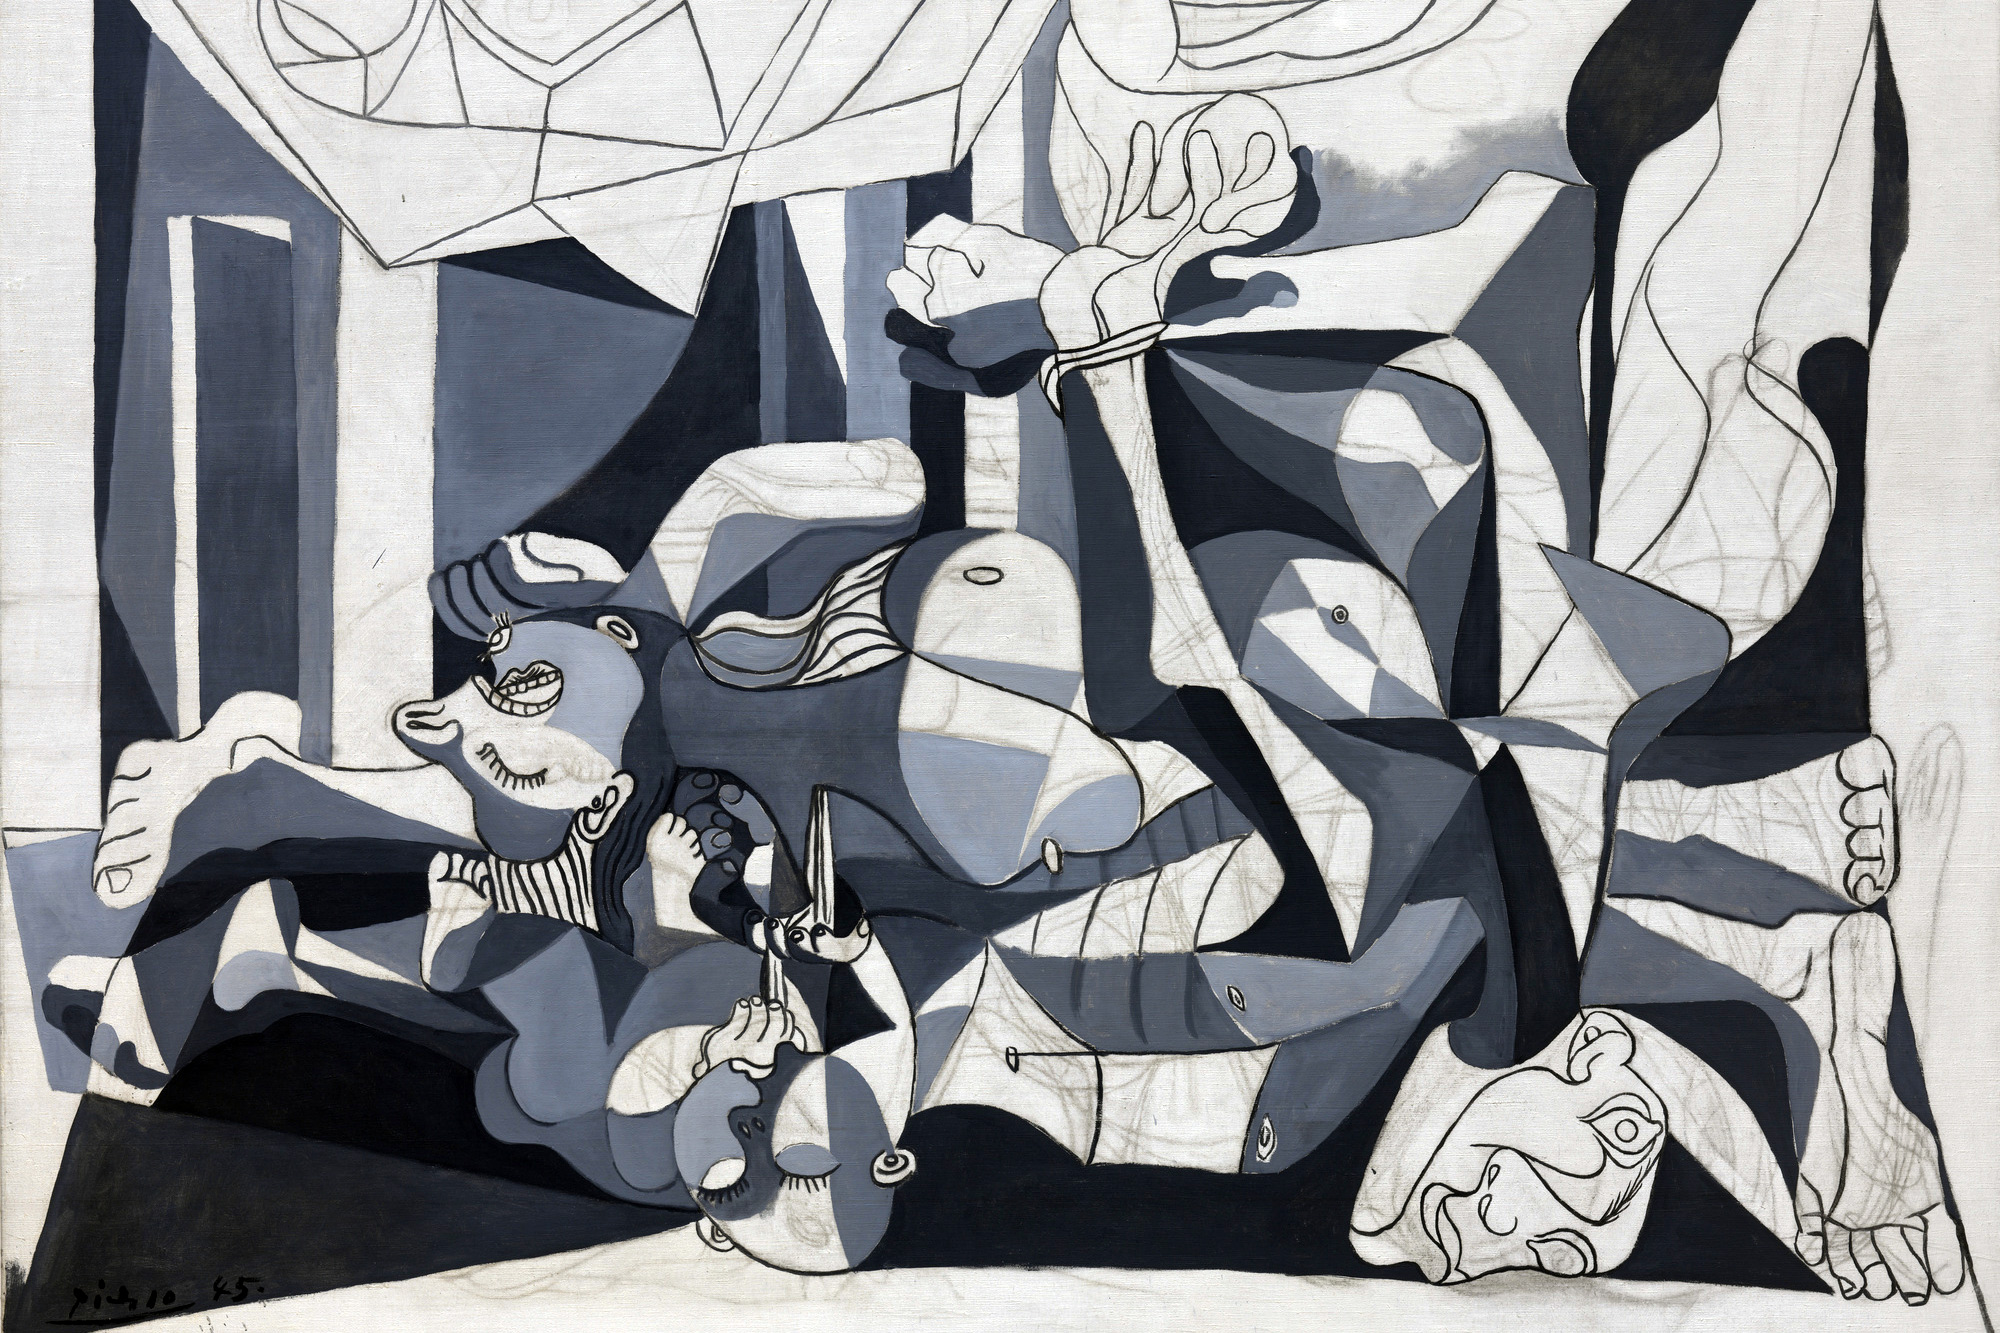 Tìm hiểu về chủ nghĩa hiện đại trong nghệ thuật